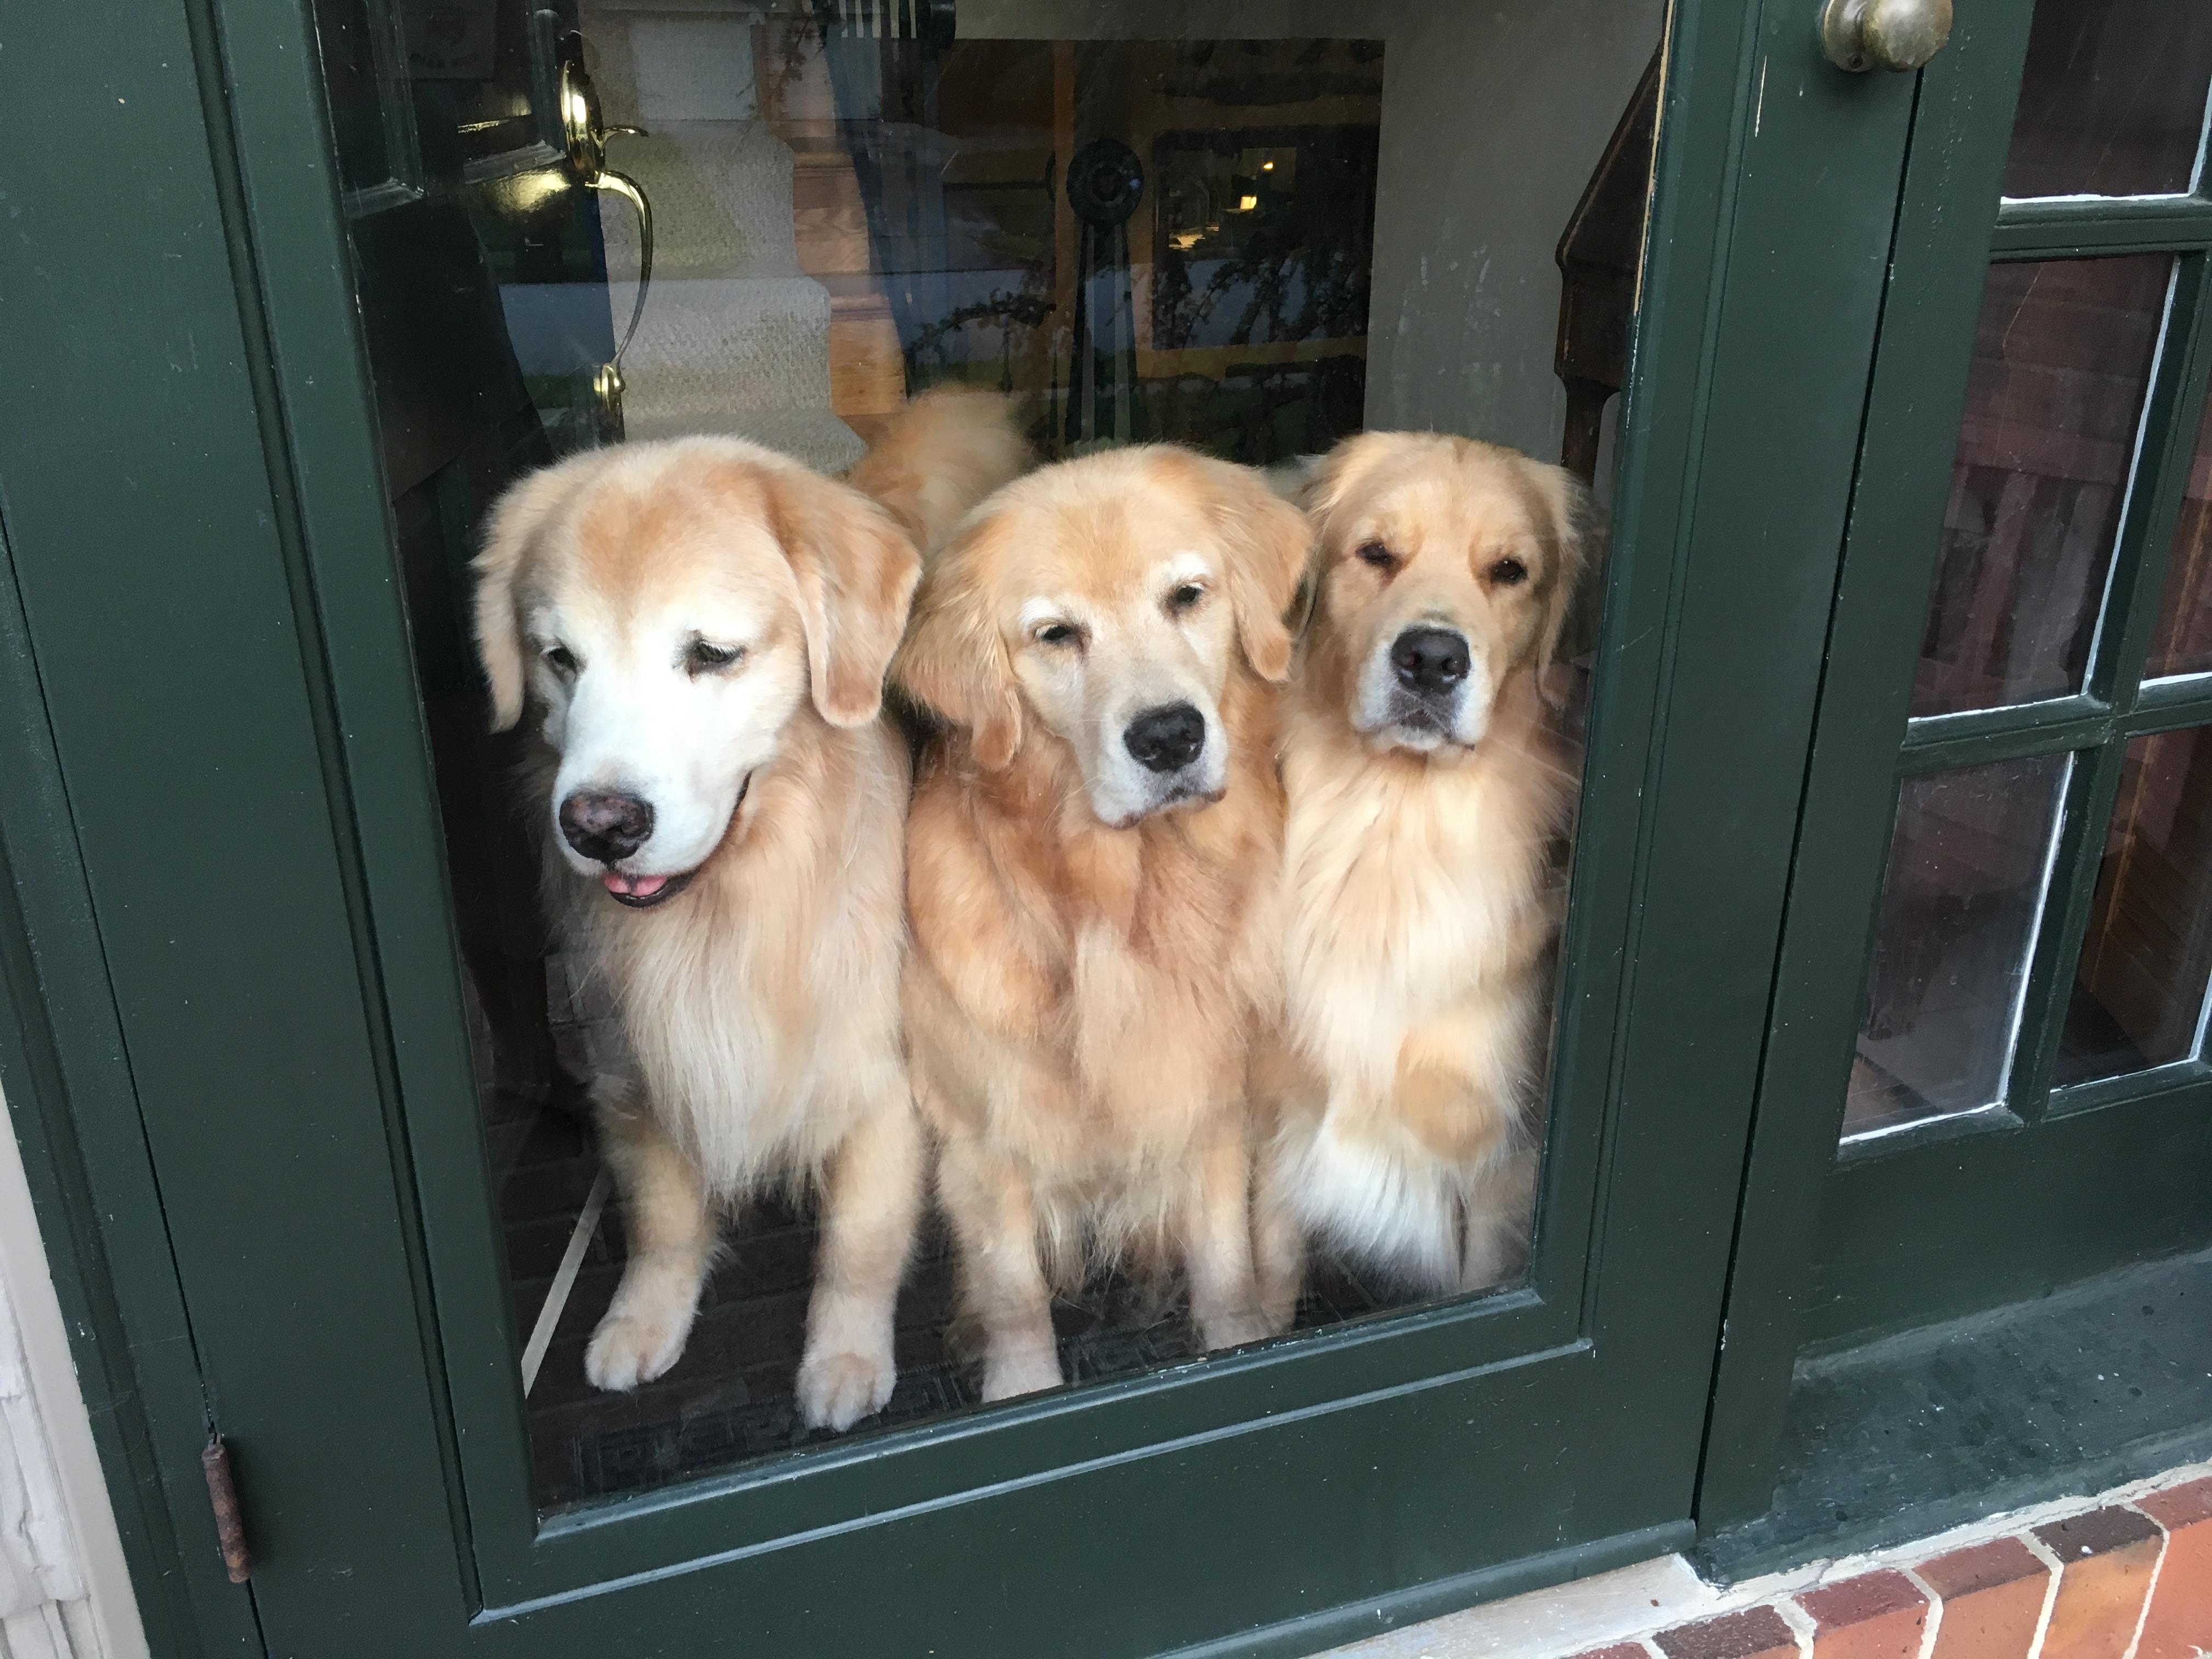 Brydon, Bryn, Bree - Welcome